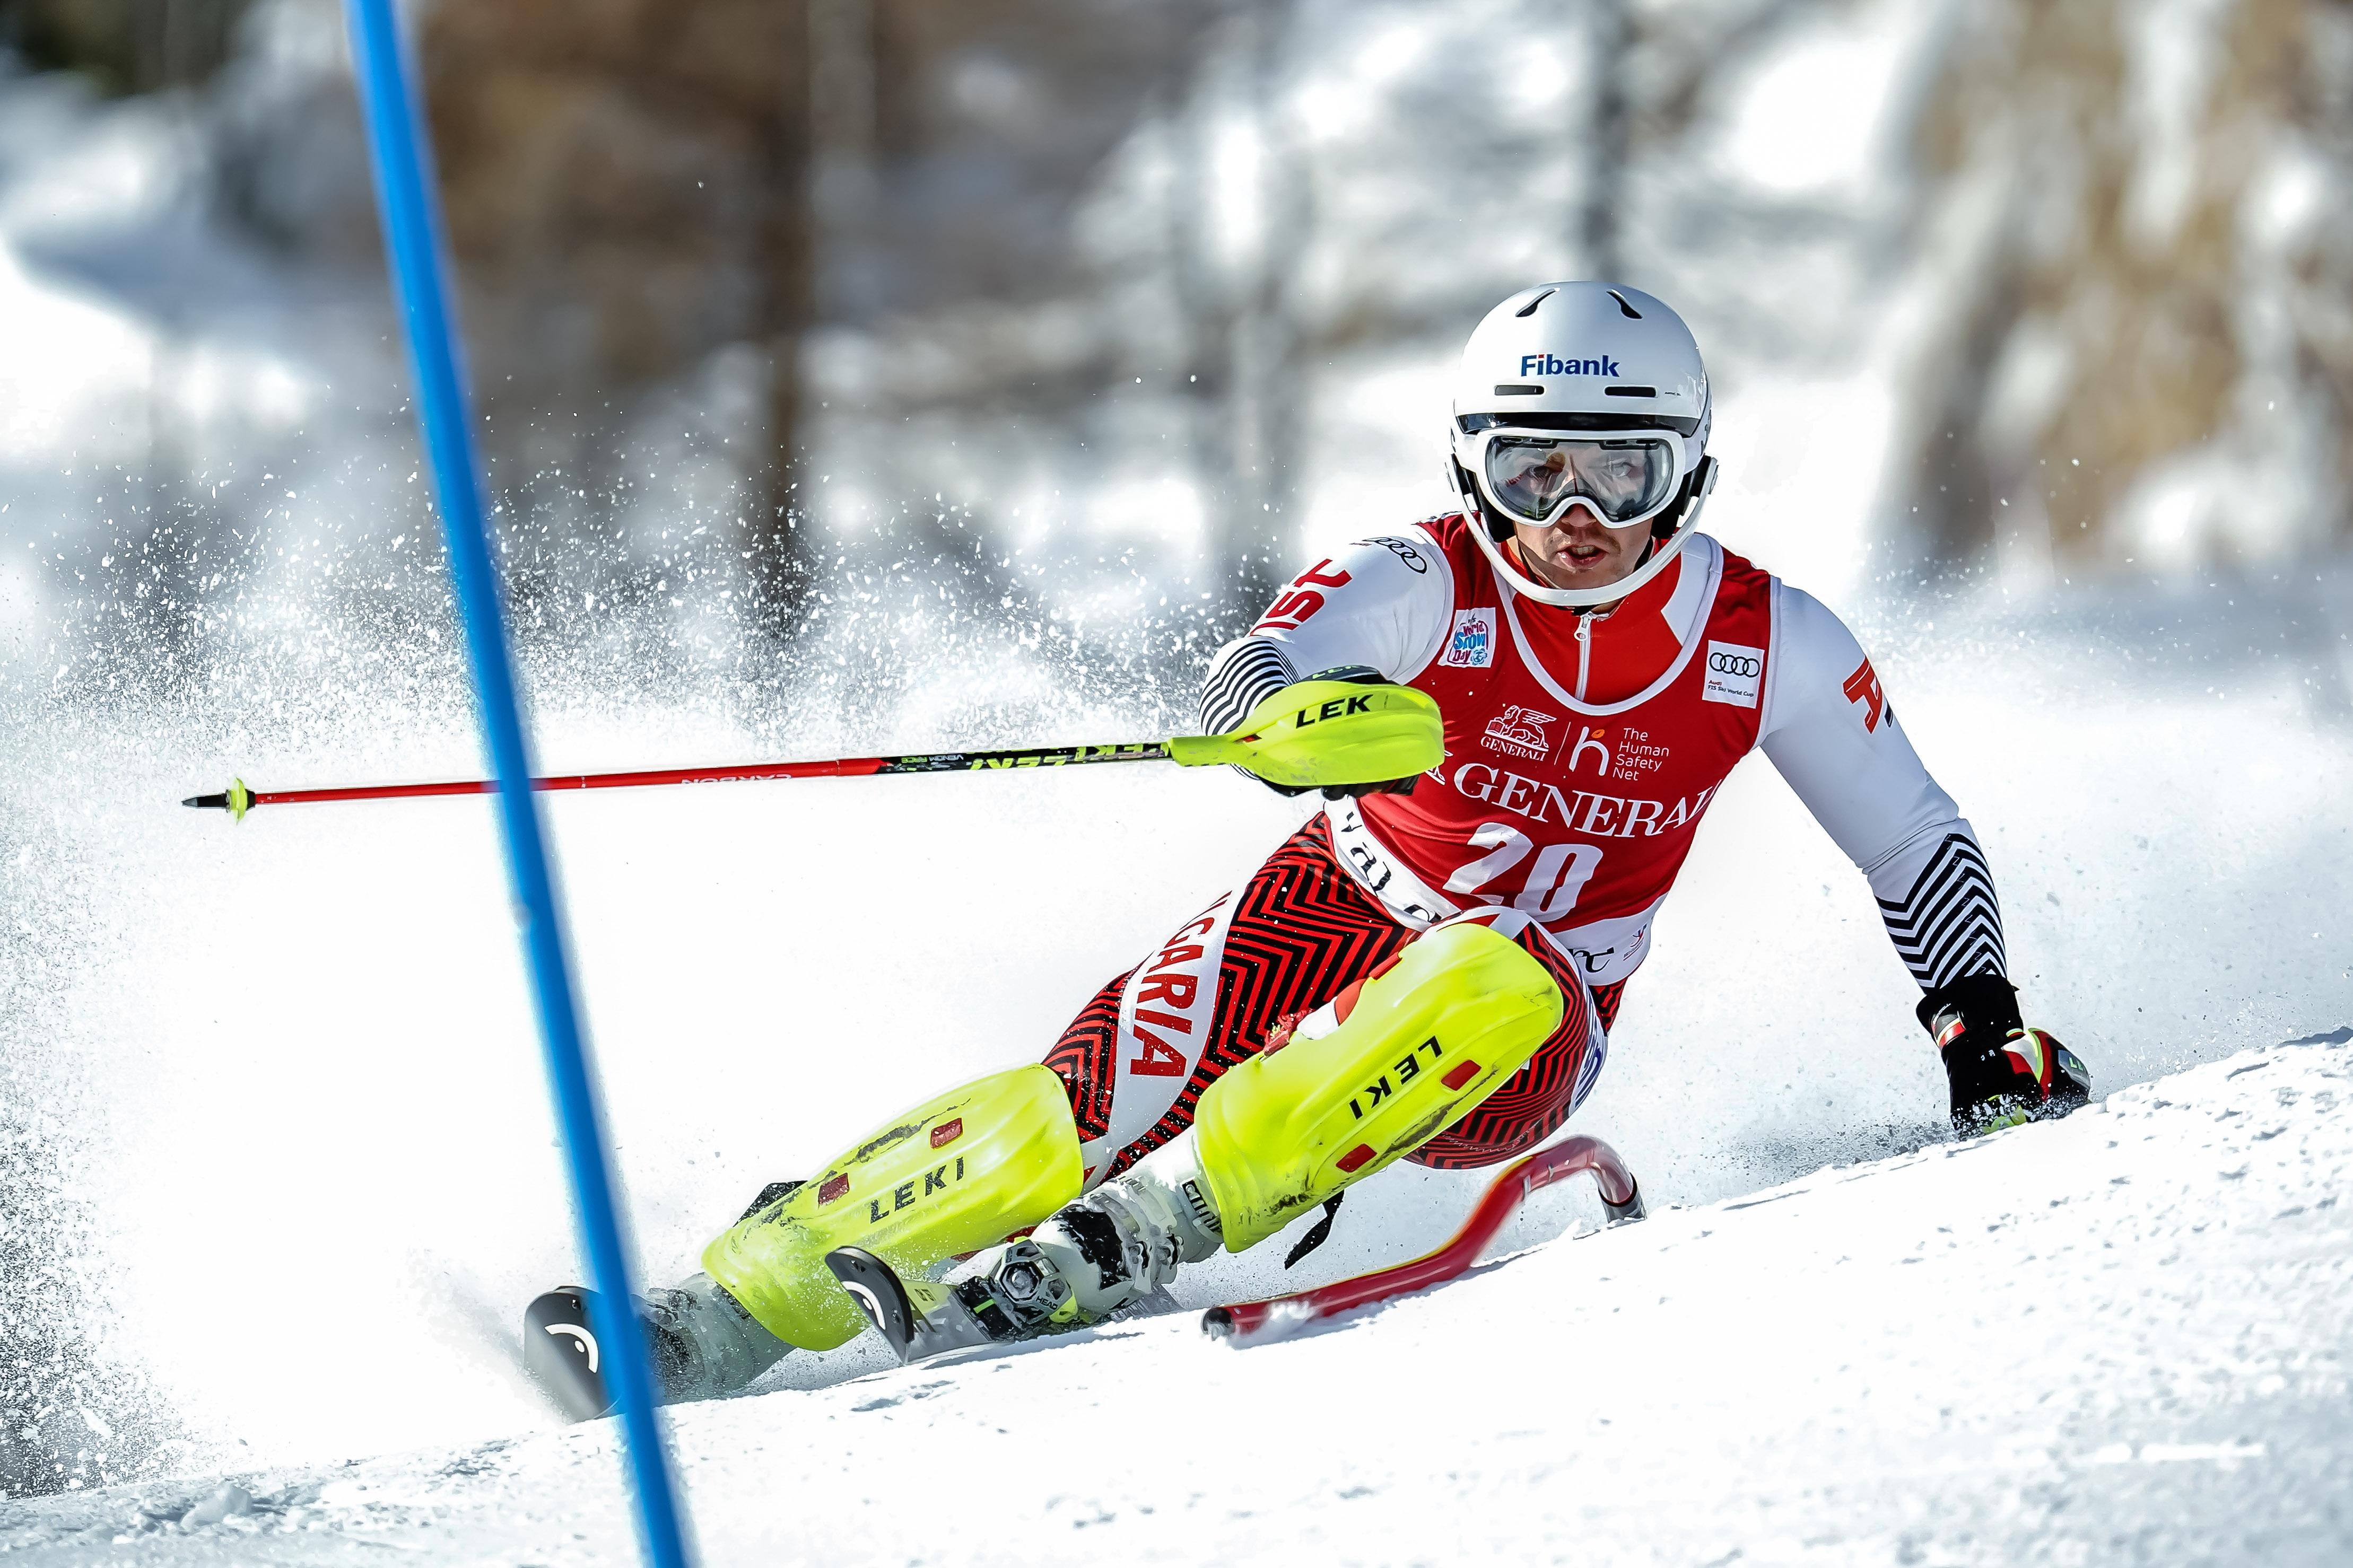 Българският алпиец Алберт Попов изрази задоволство от 12-о място, което